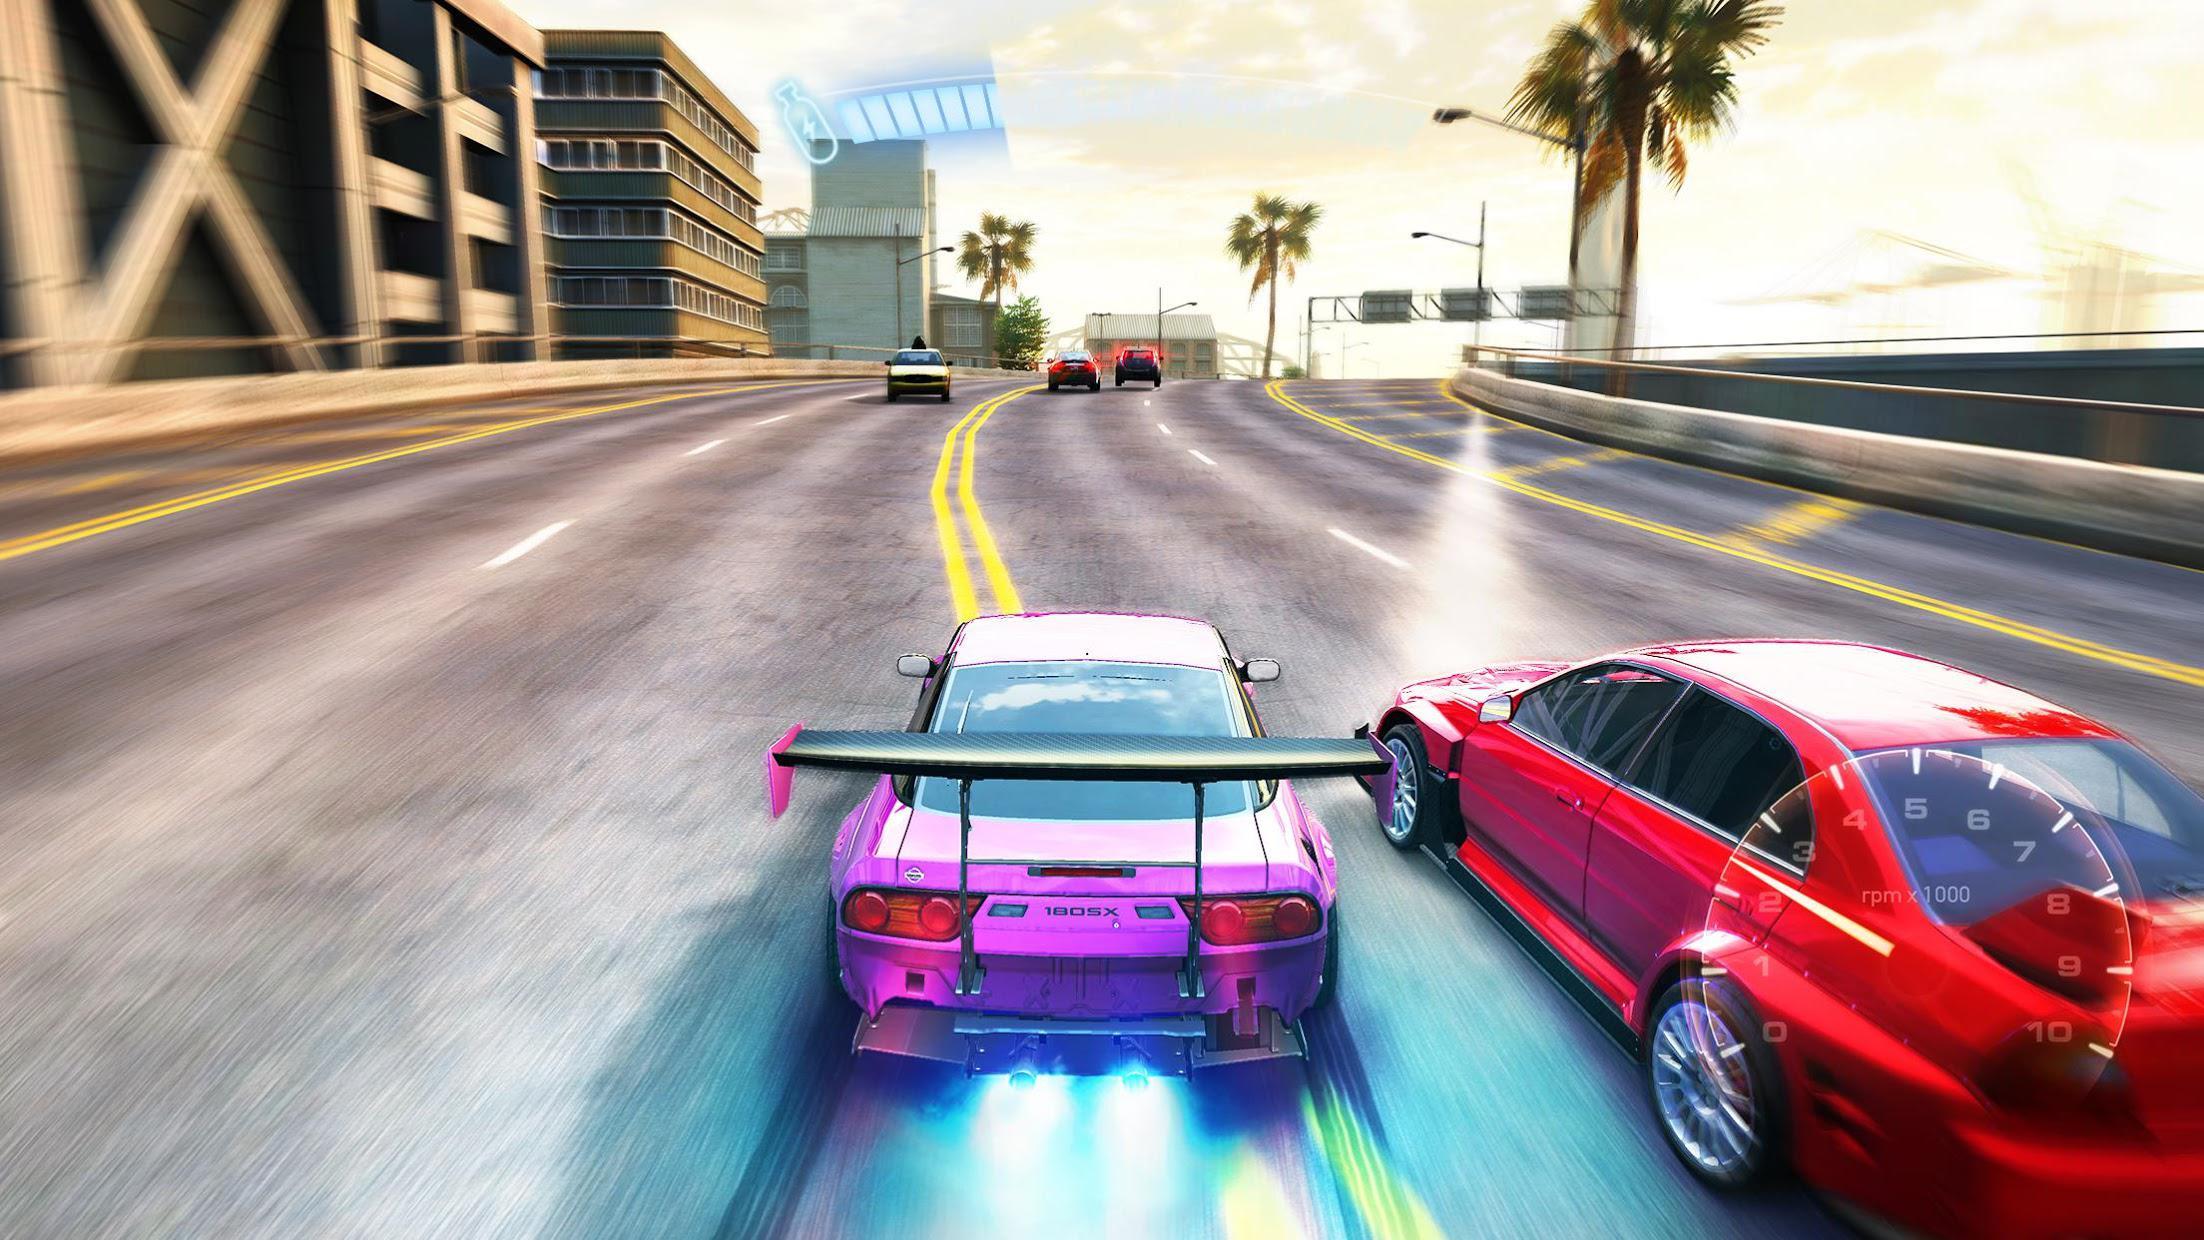 极品飞车:无极限赛车 游戏截图2